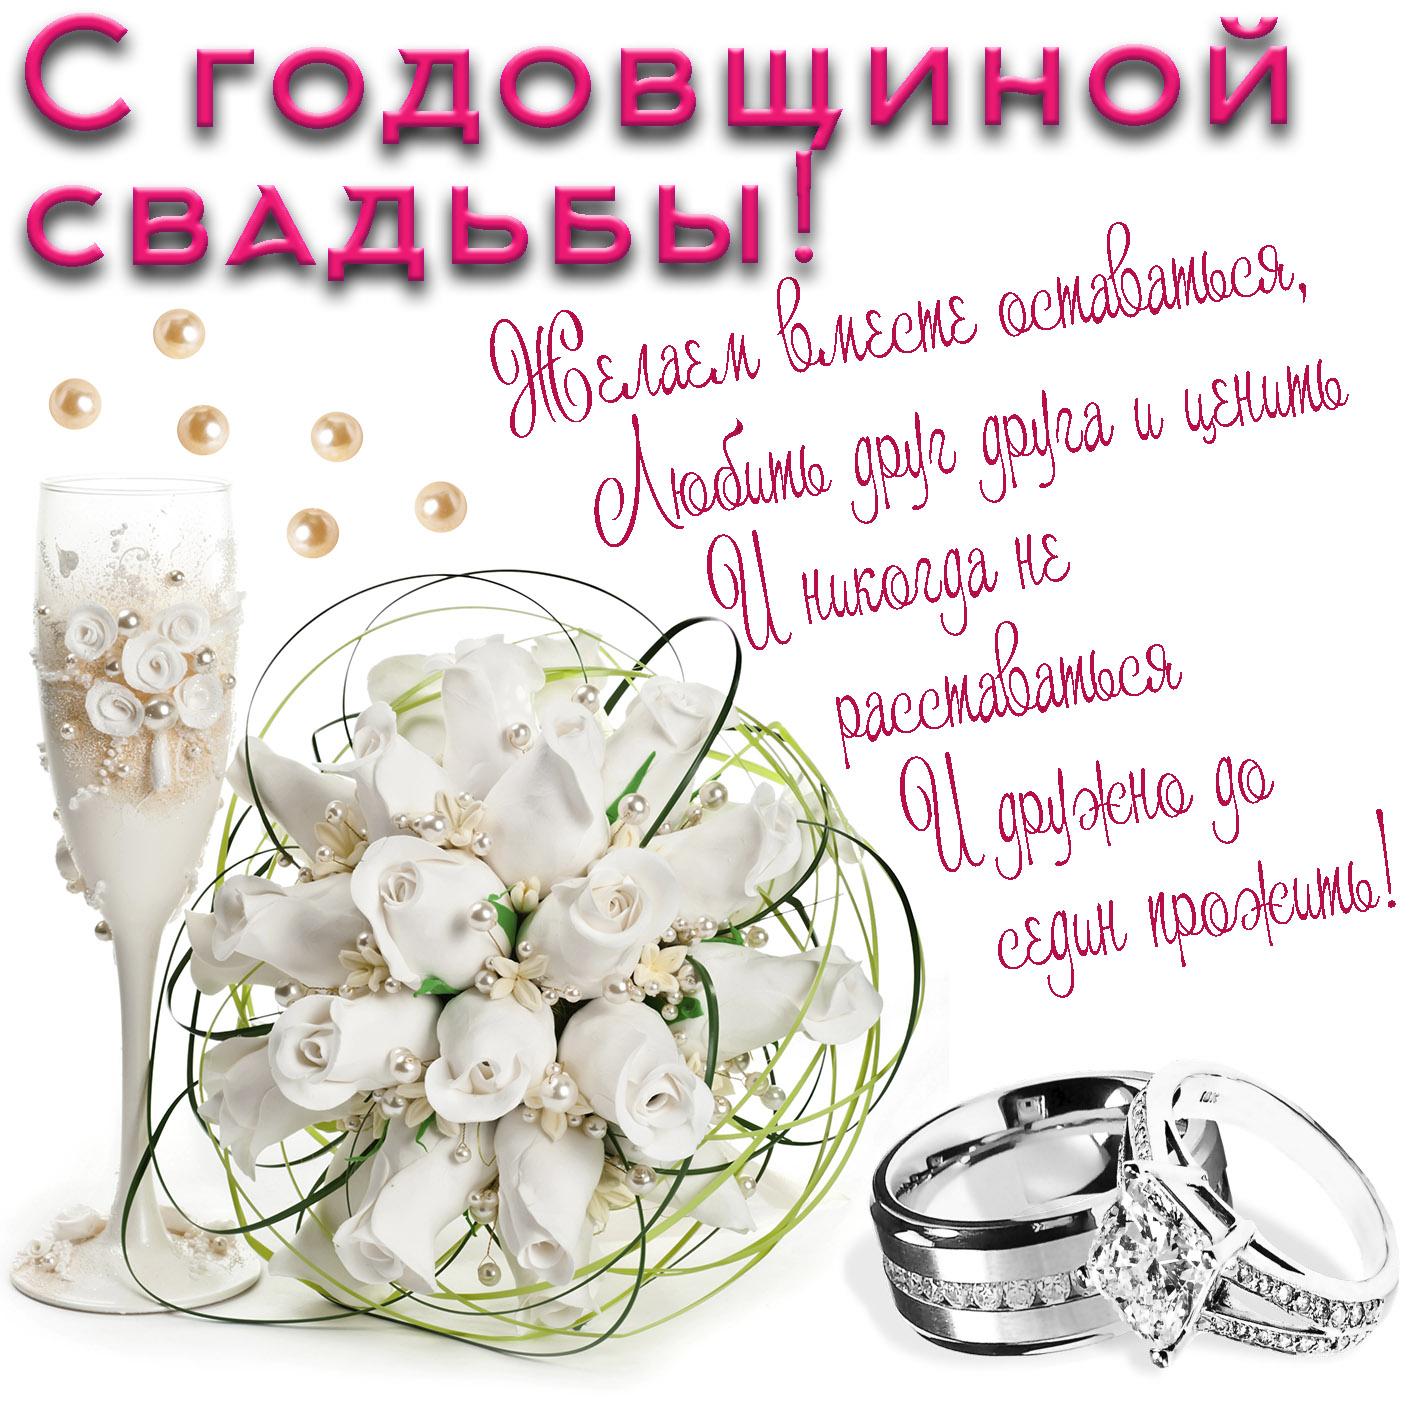 Поздравление годовщина свадьбы 1 год своими словами друзьями